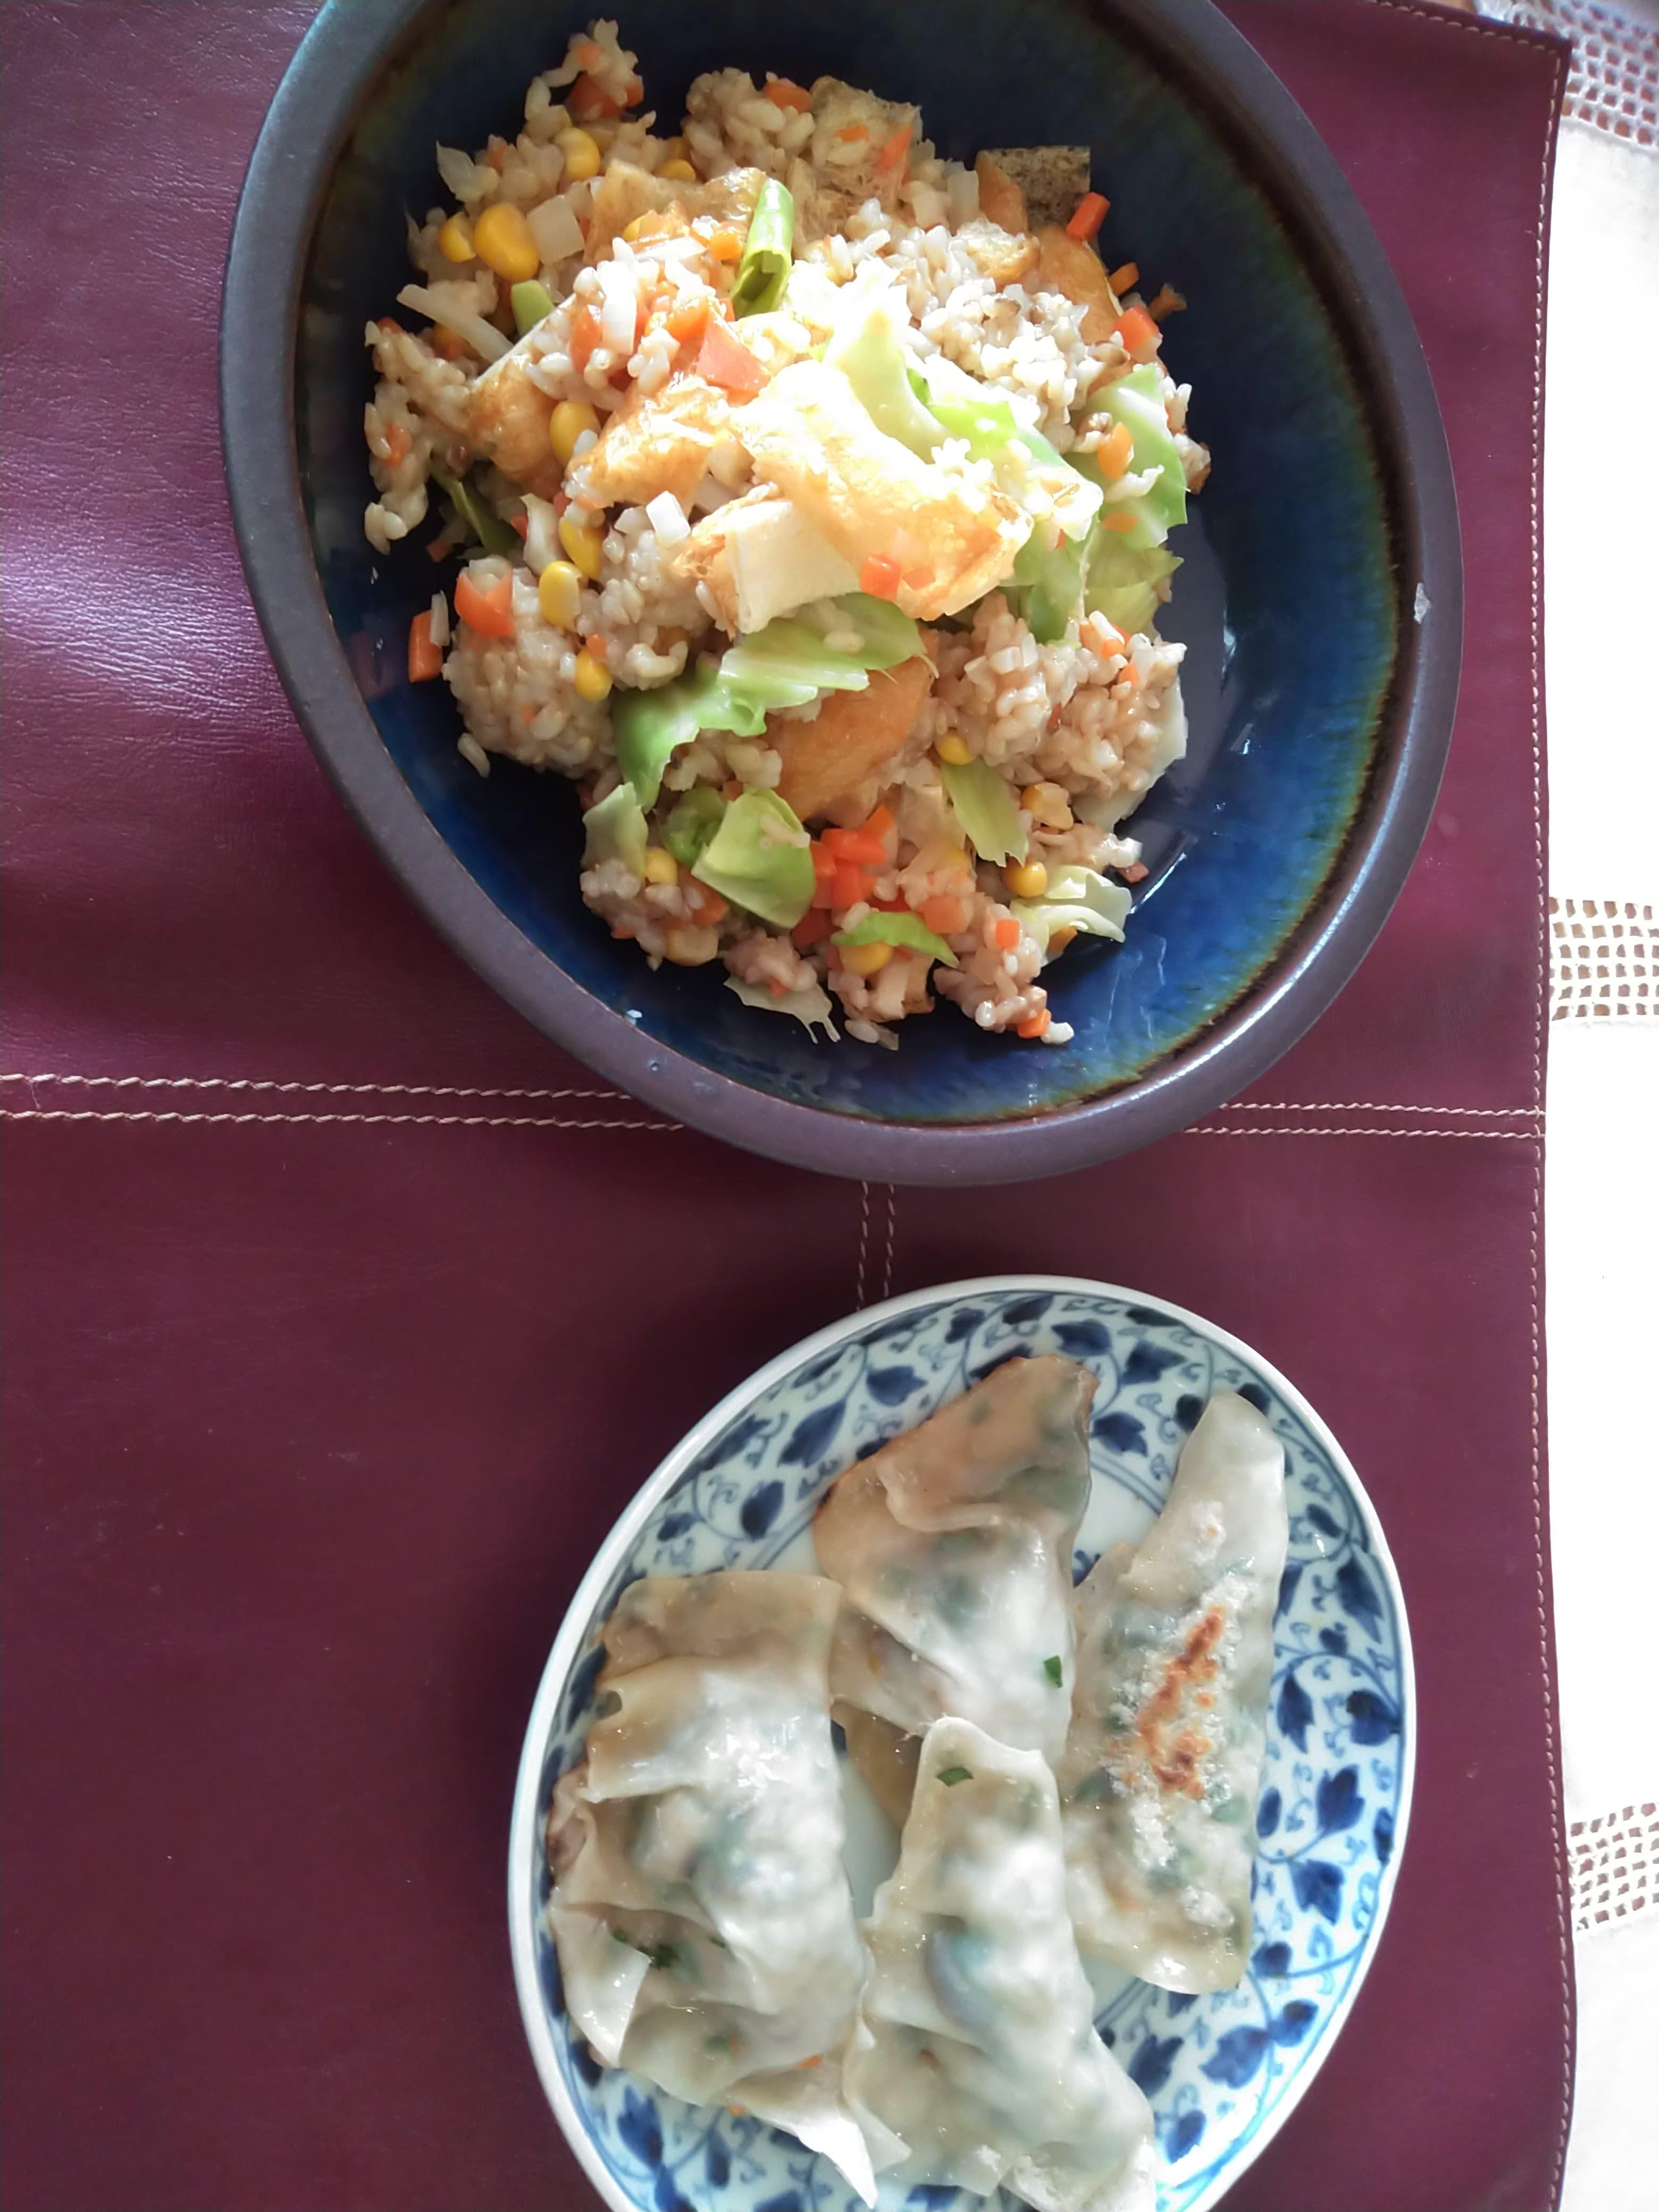 家政婦 家事代行サービス | 兵庫県宝塚市-昼食・夕食作り11か月16日ご利用のお客様